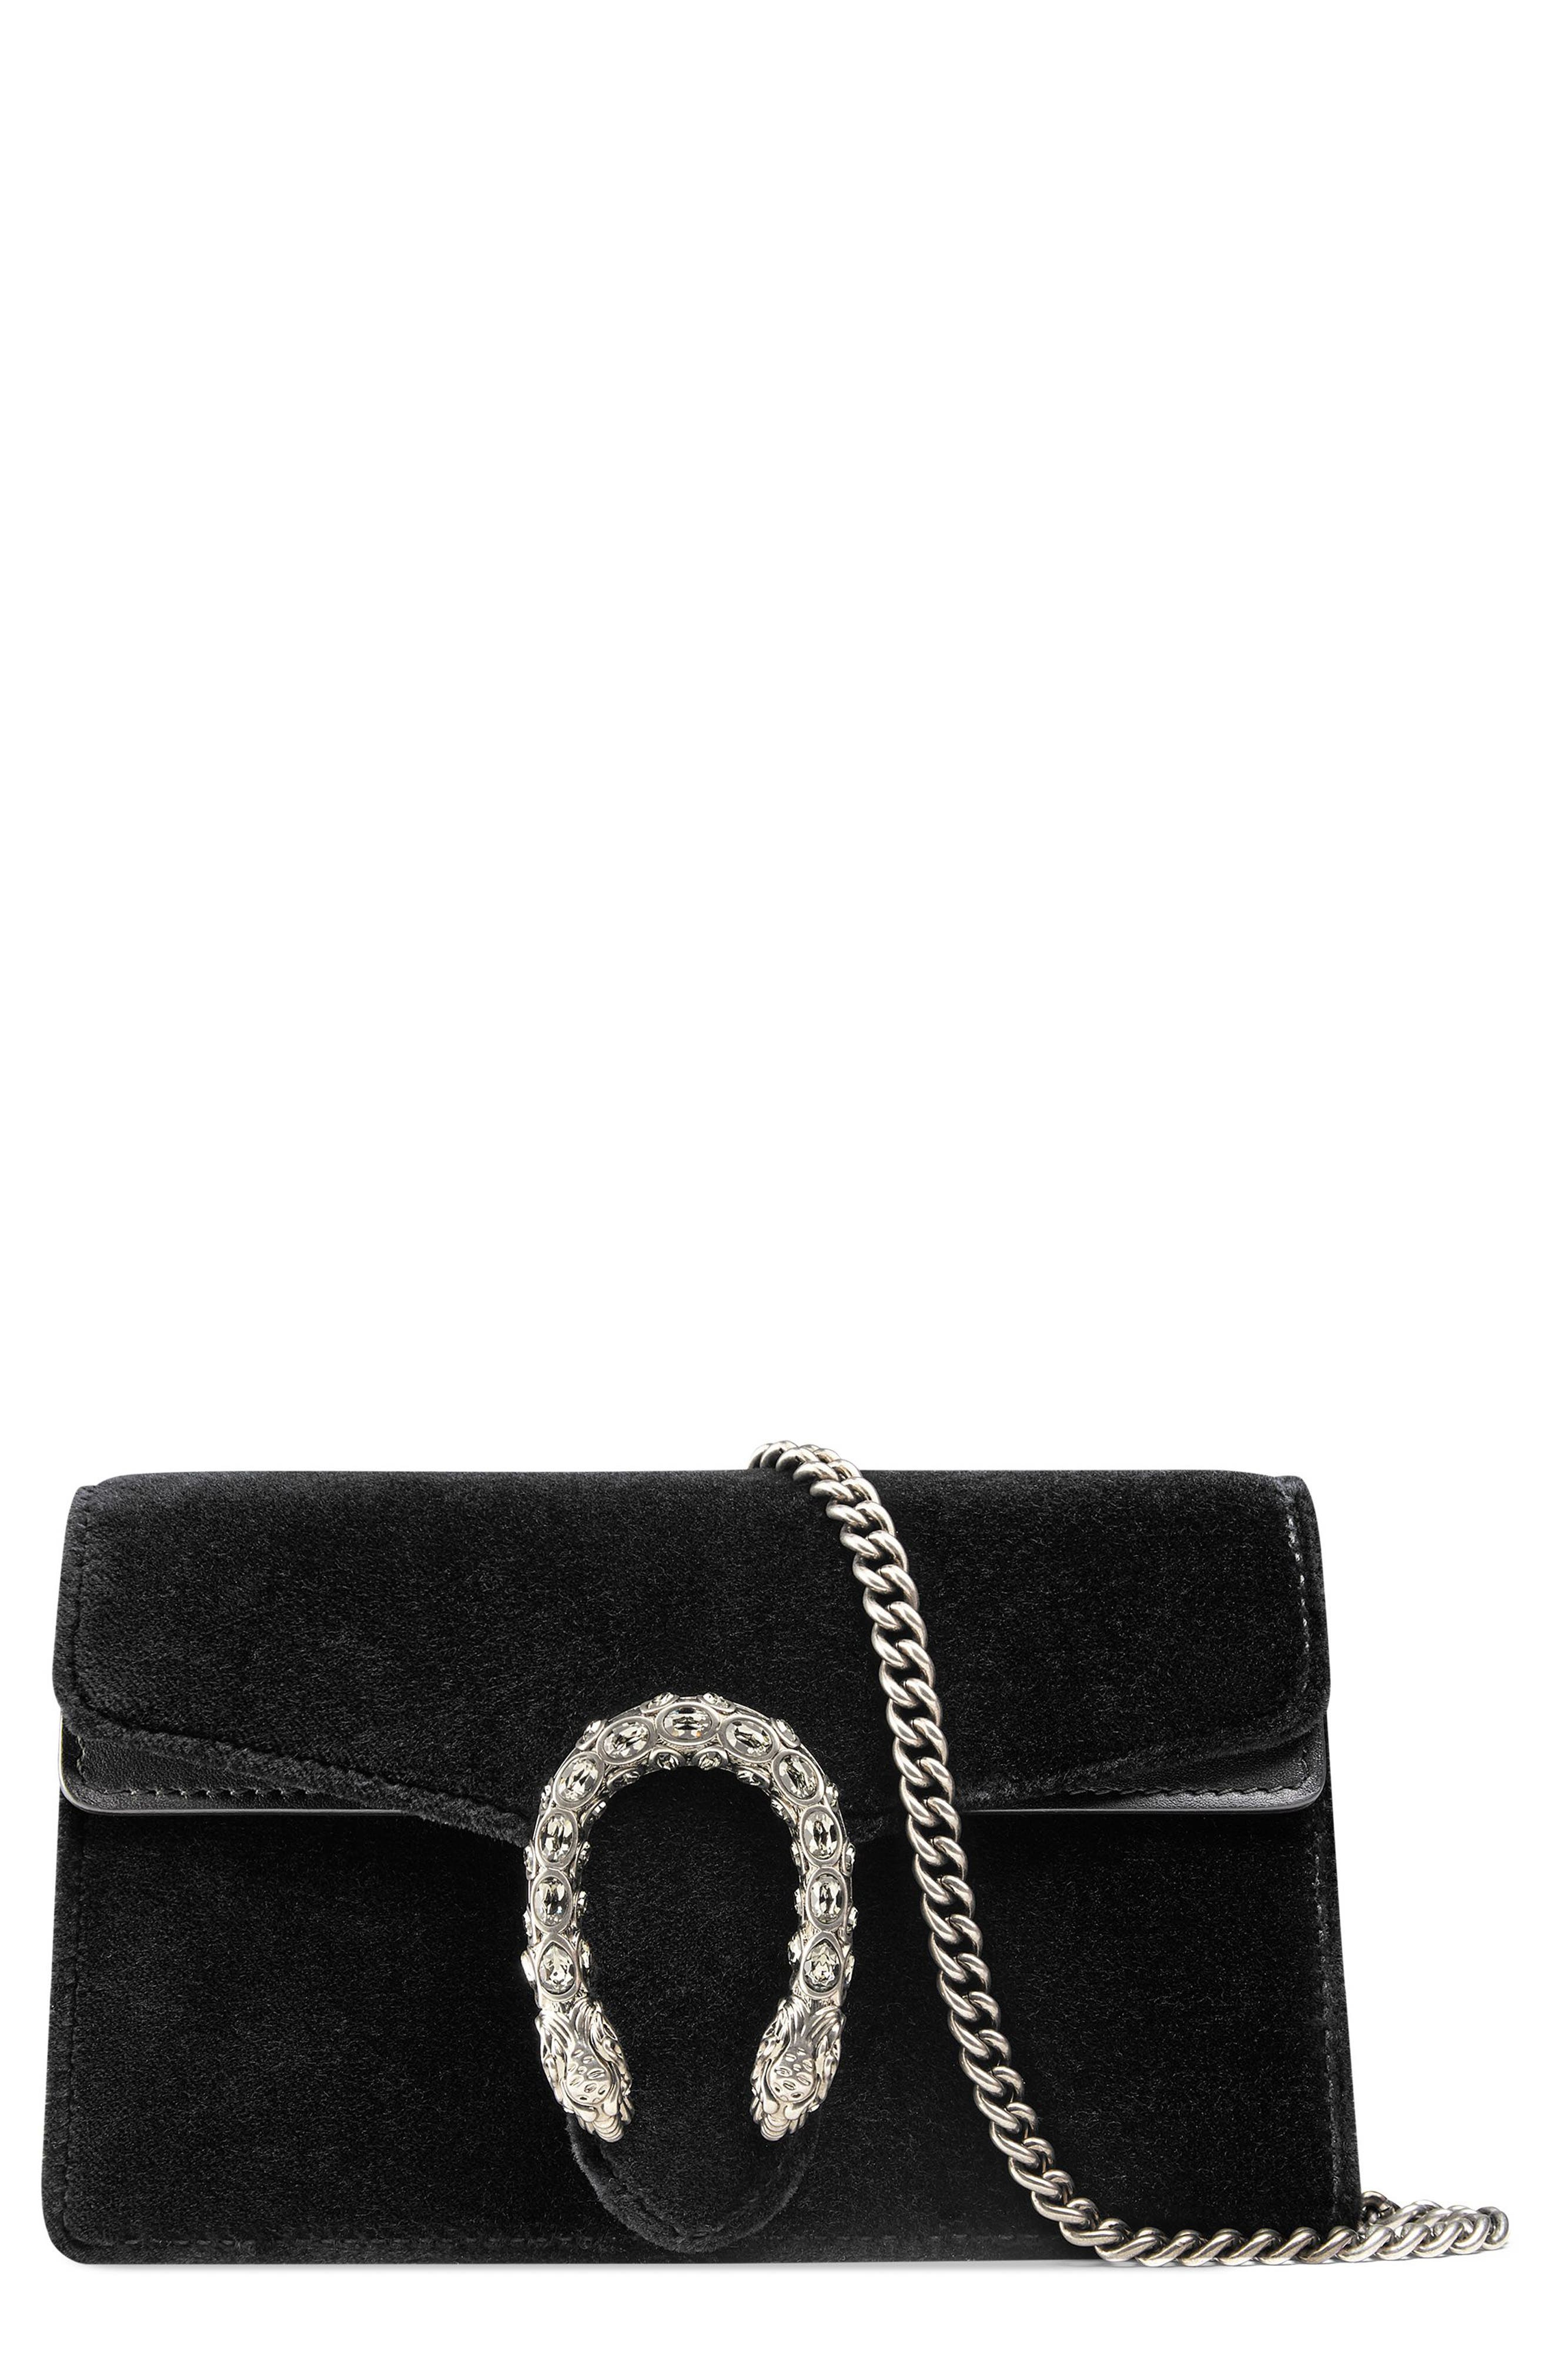 Alternate Image 1 Selected - Gucci Super Mini Dionysus Velvet Shoulder Bag